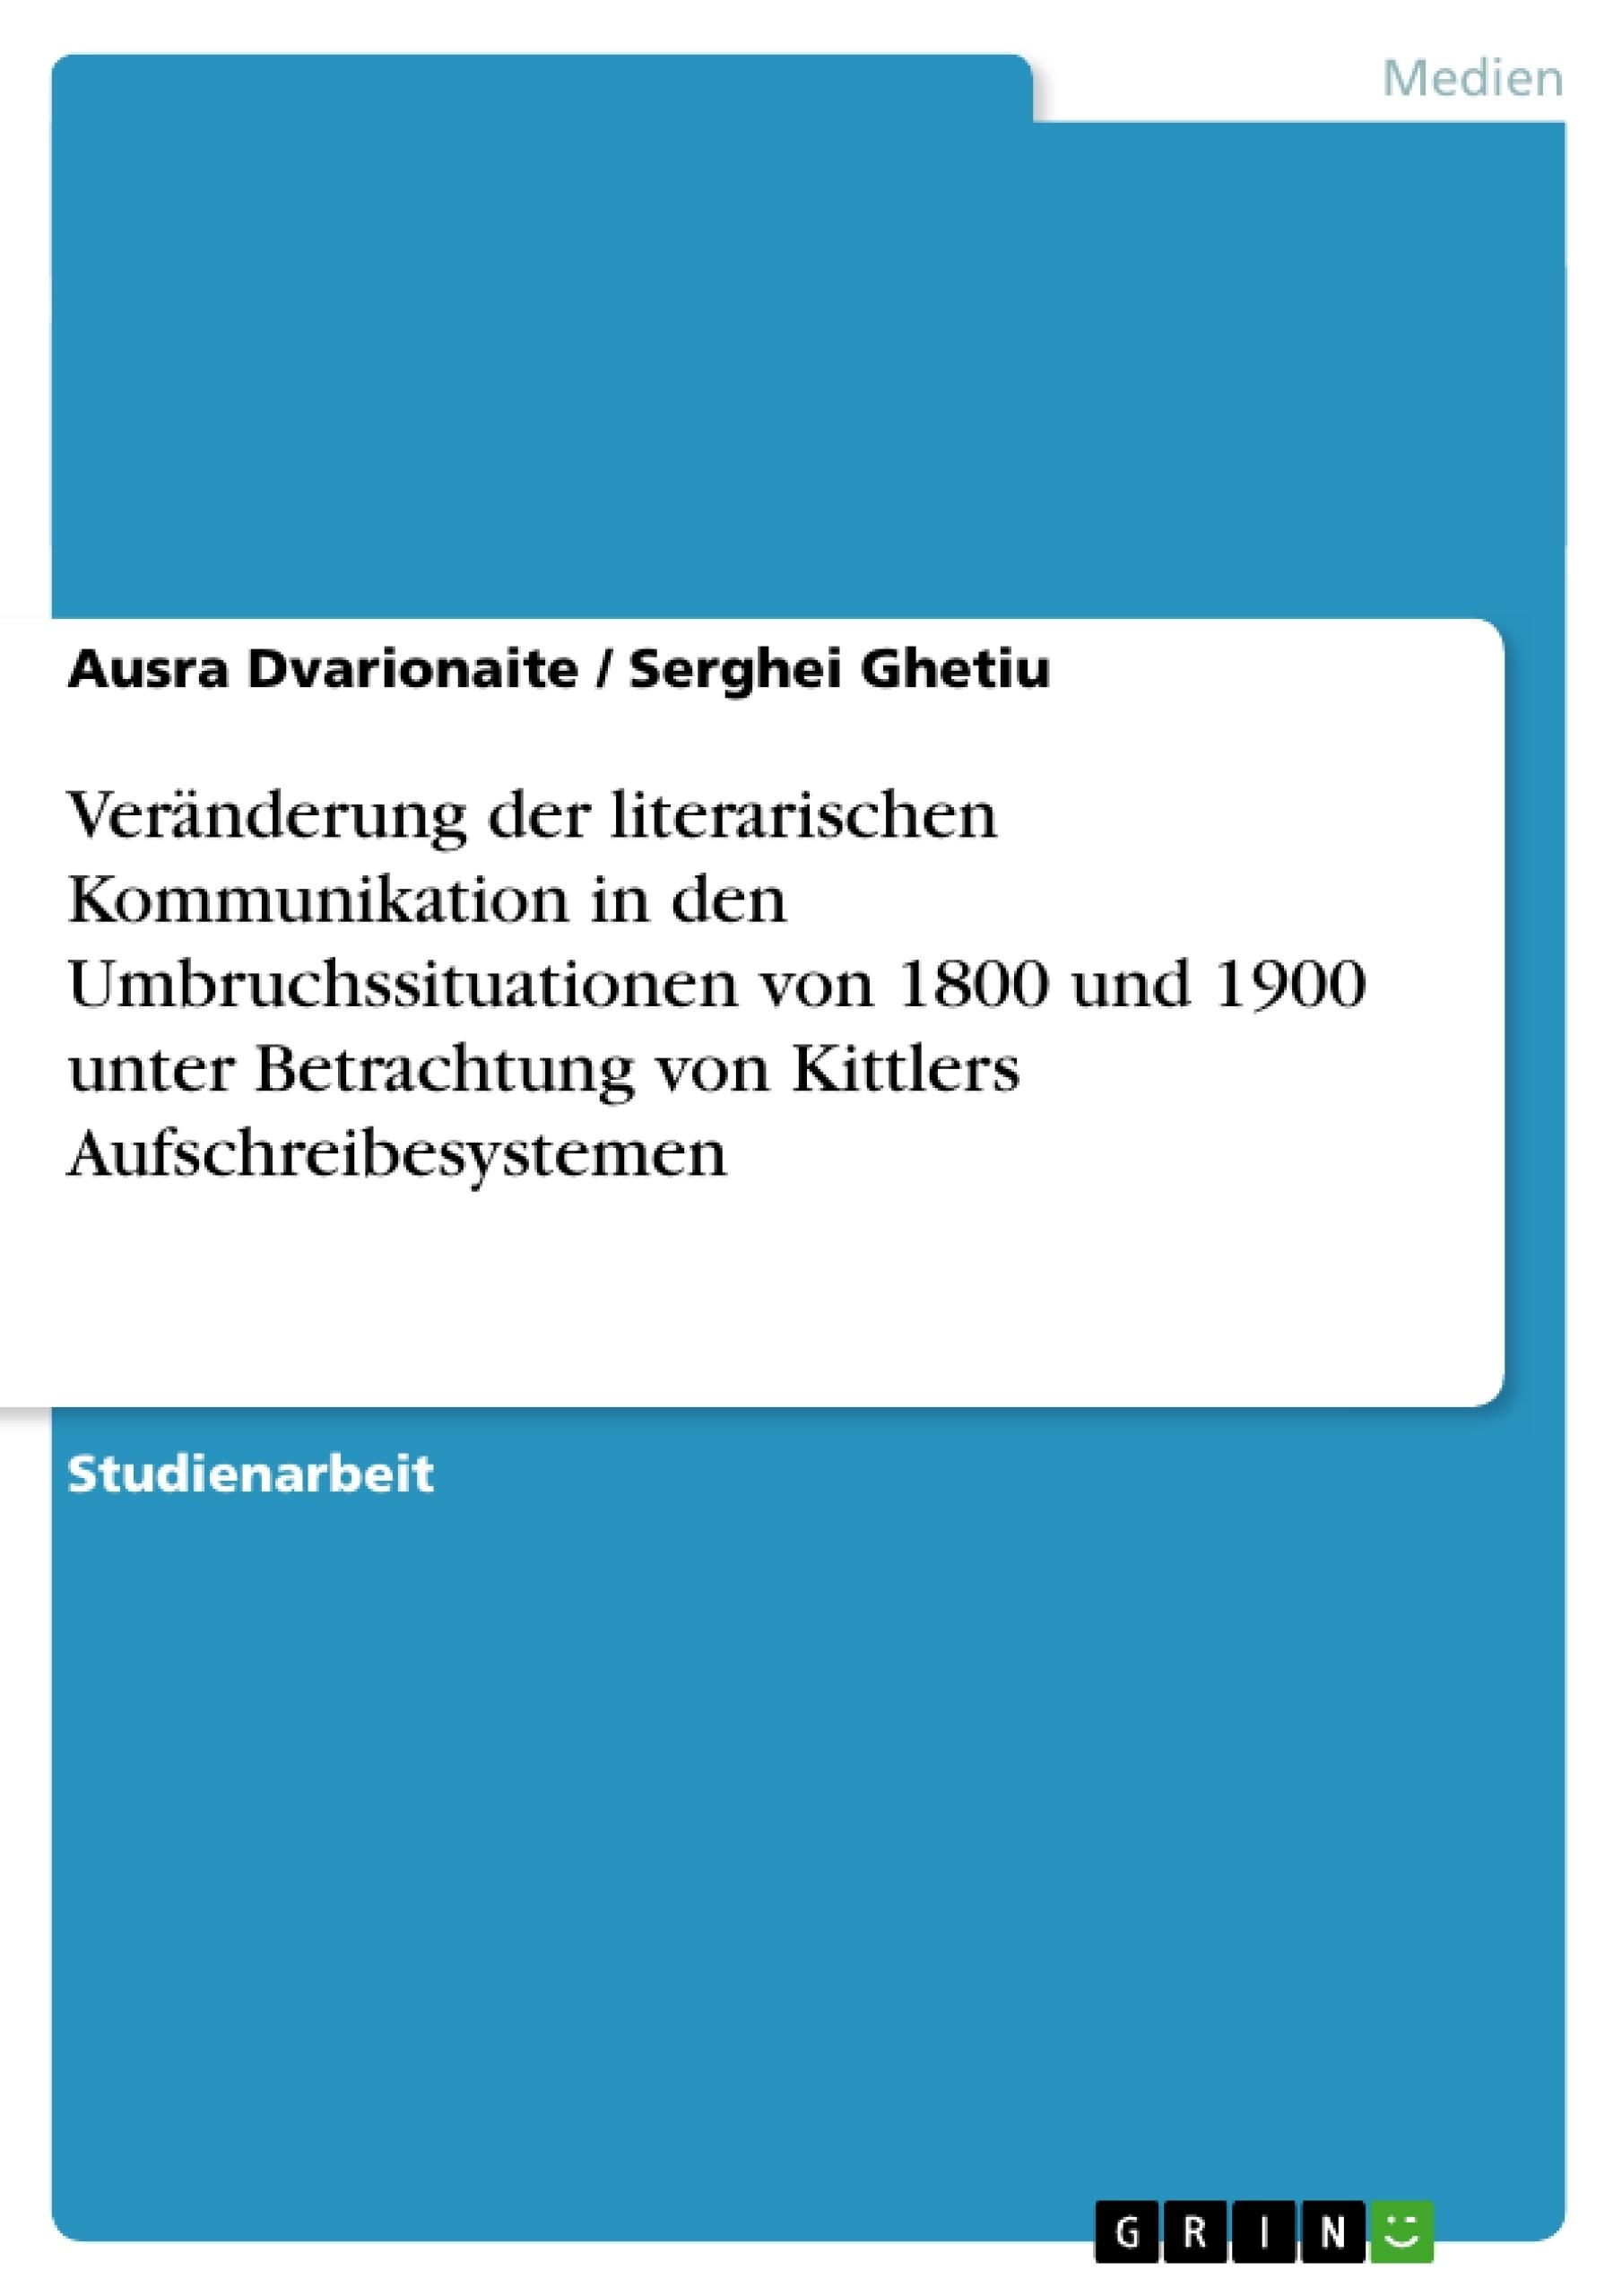 Titel: Veränderung der literarischen Kommunikation in den Umbruchssituationen von 1800 und 1900 unter Betrachtung von Kittlers Aufschreibesystemen